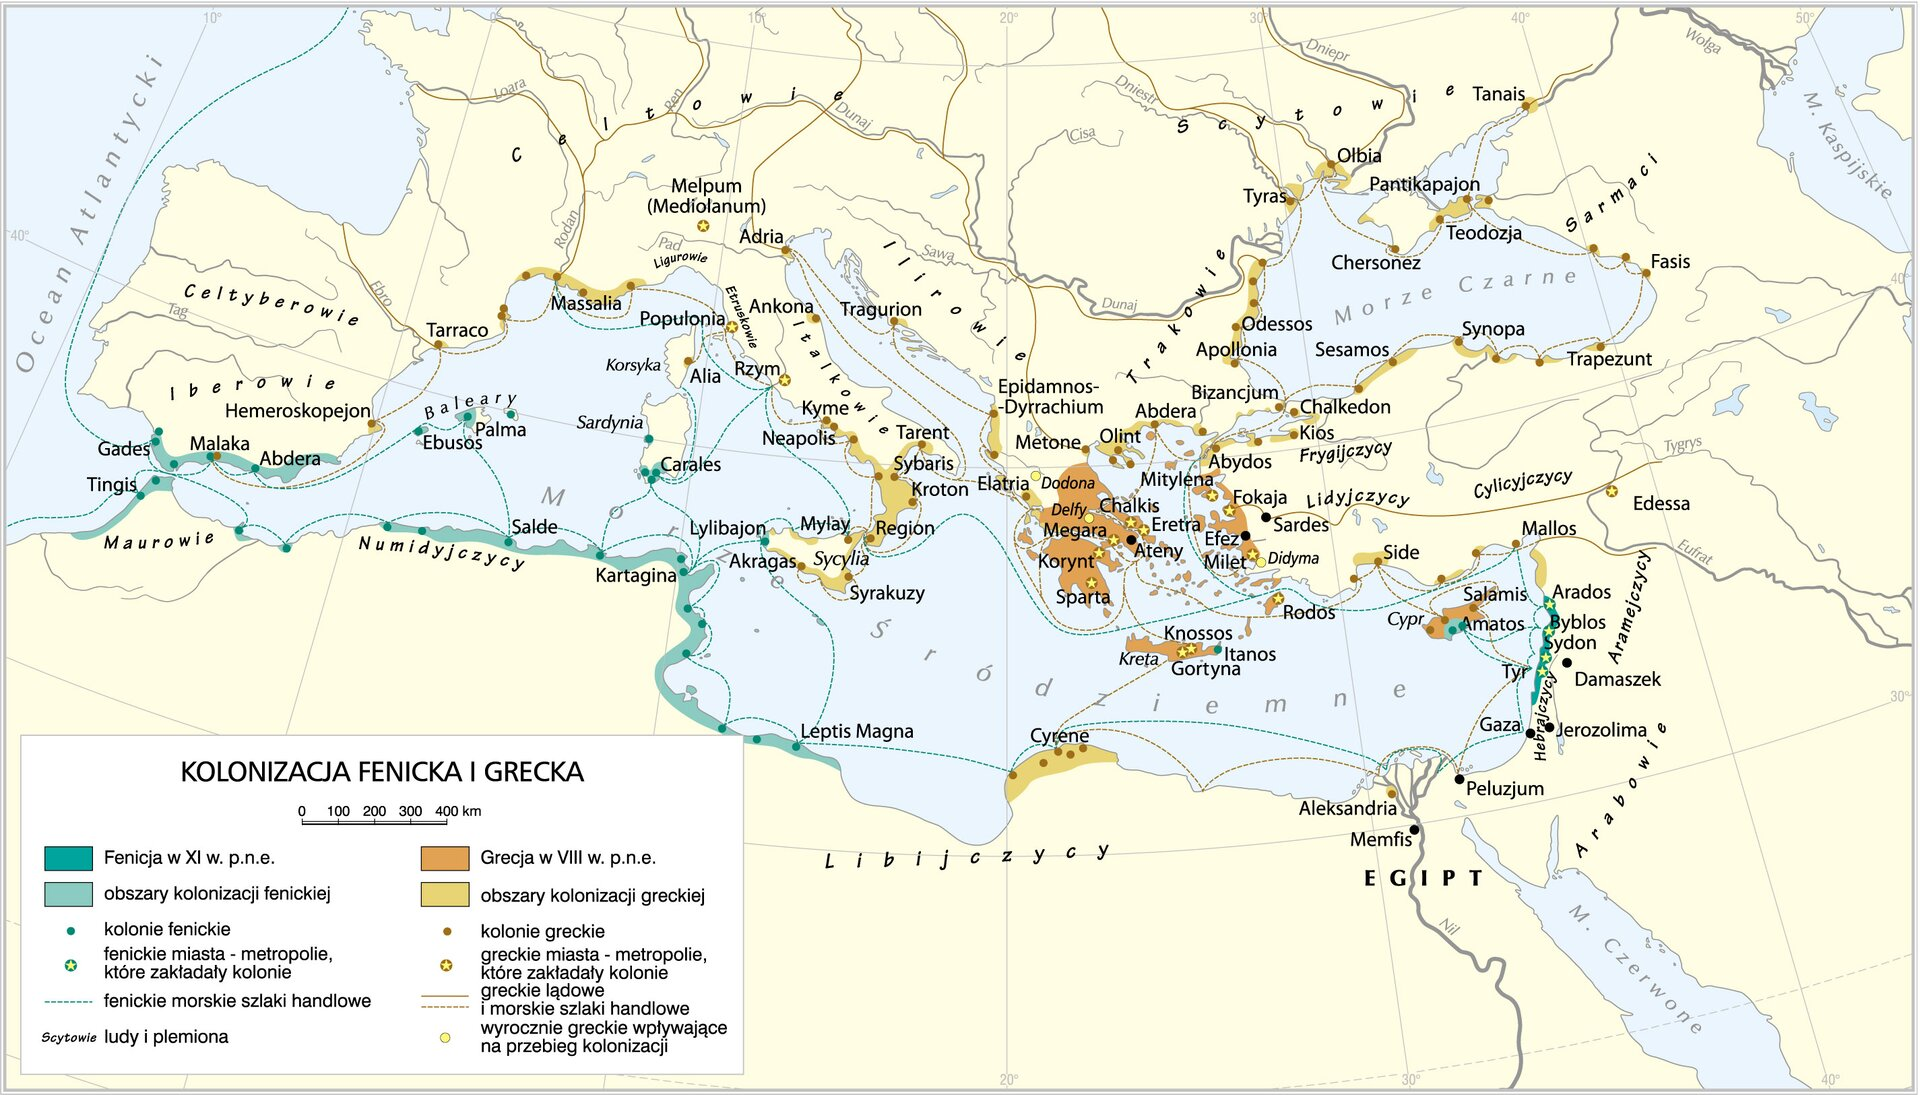 Mapa przedstawiająca basem Morza śródziemnego iMorza Czarnego. Różnymi kolorami oznaczone są wokół tych mórz miejsca, wktórych Grecy zakładali swoje kolonie